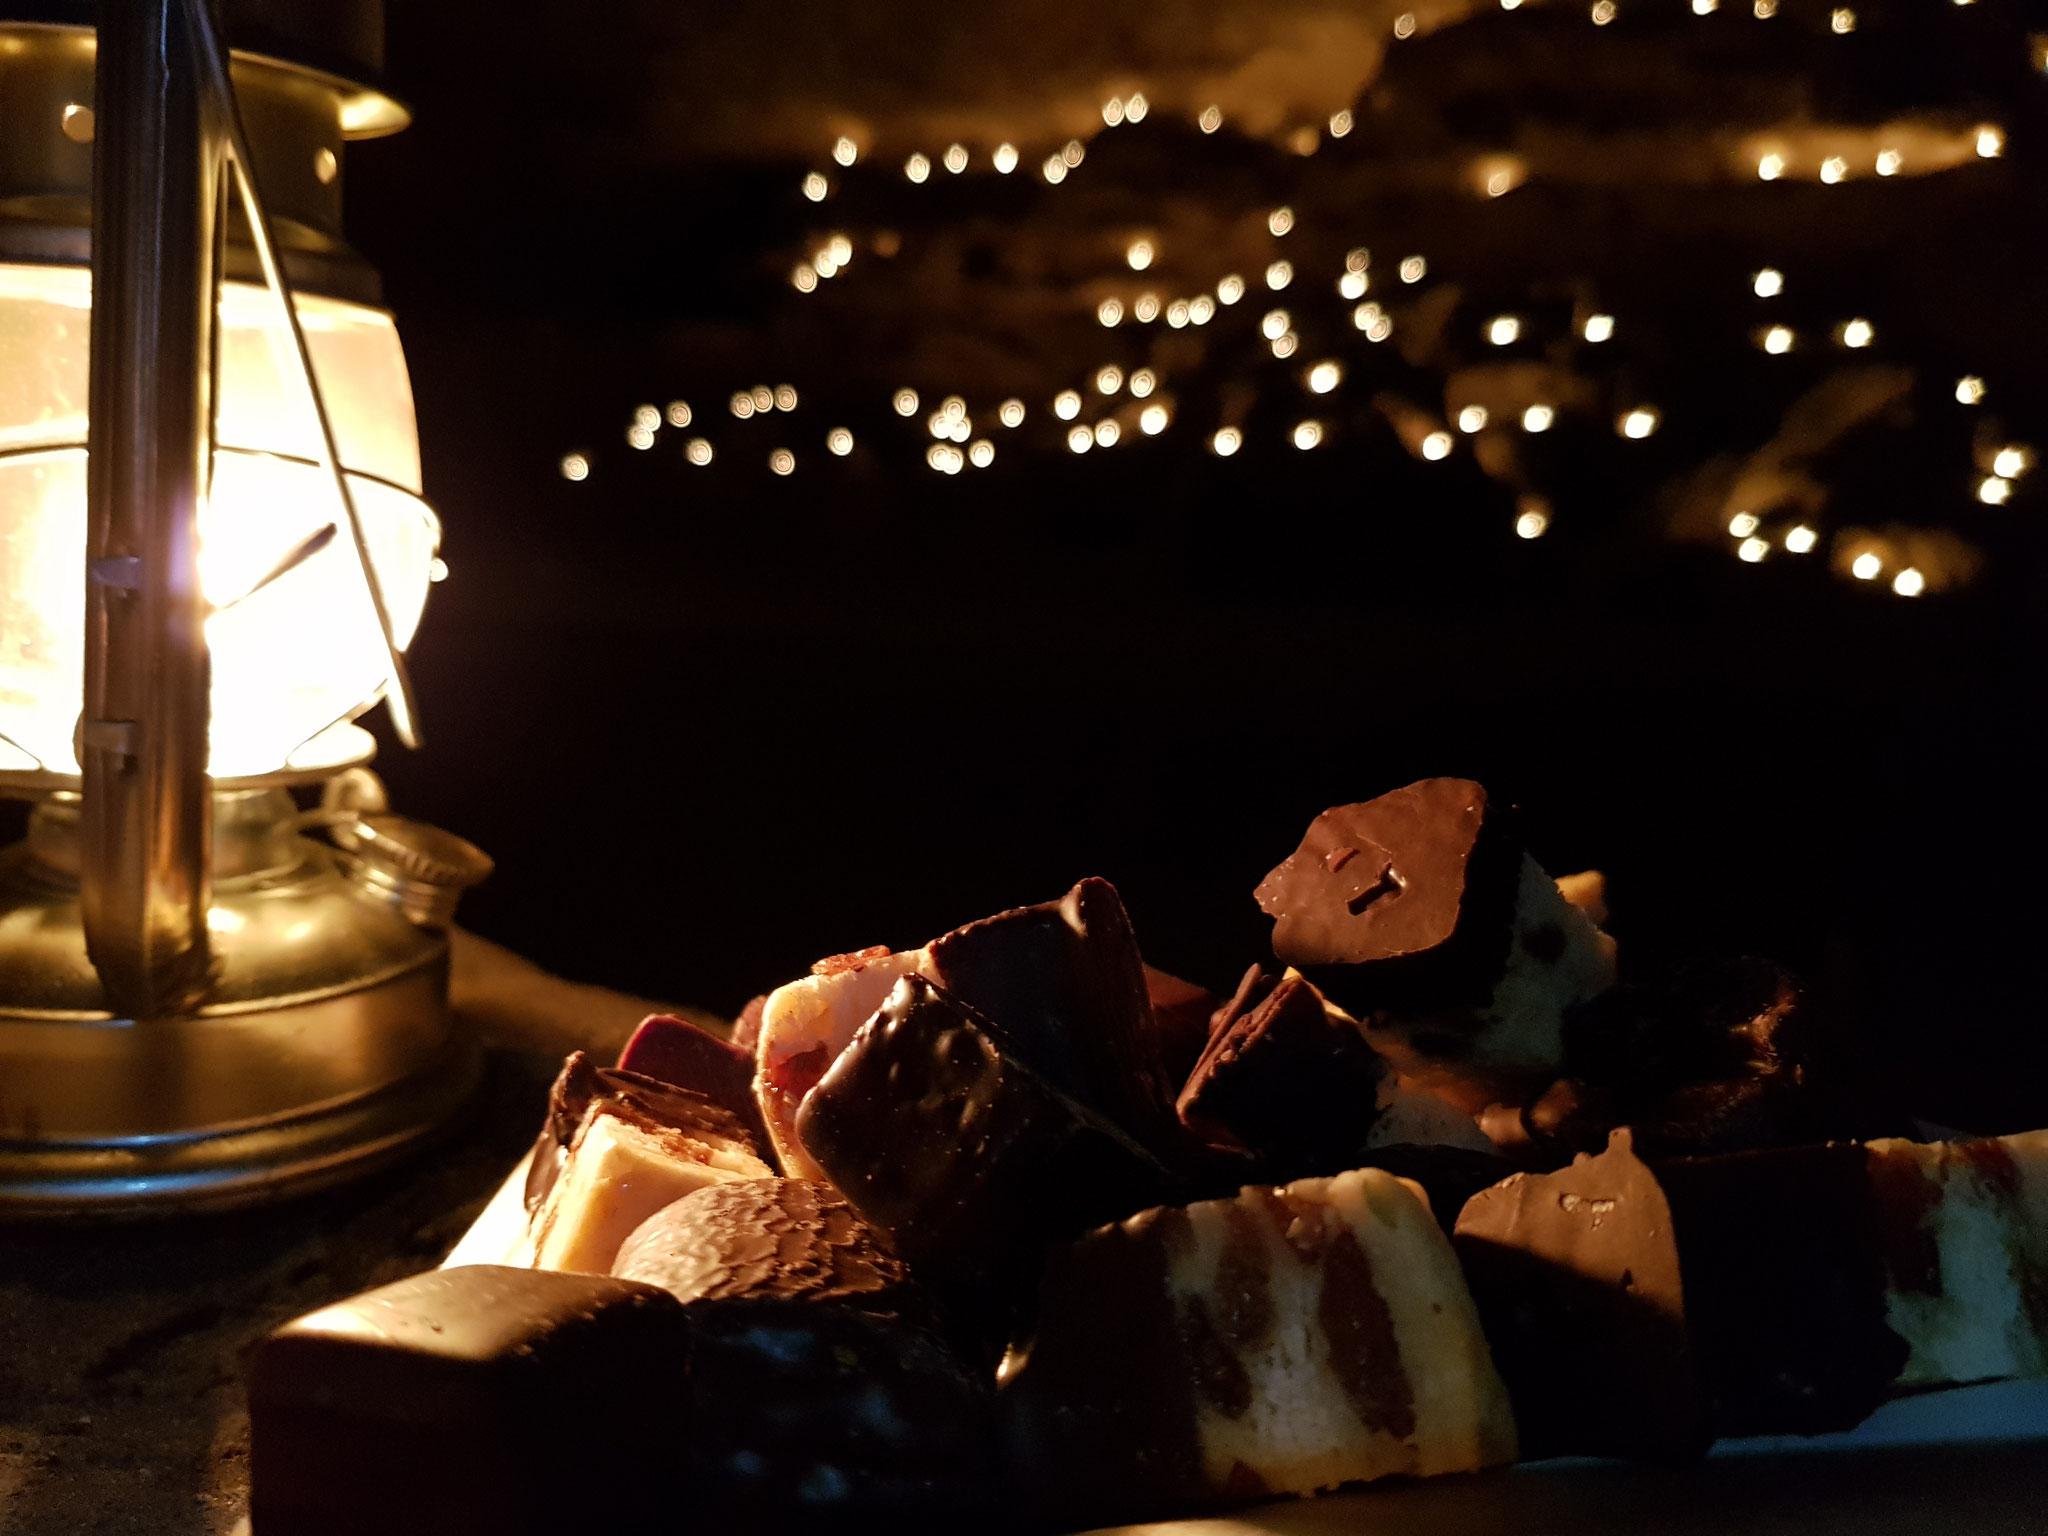 Glühweinemfang in der Lichterhöhle bei 200 Teelichtern und weihnachtlichem Gebäck